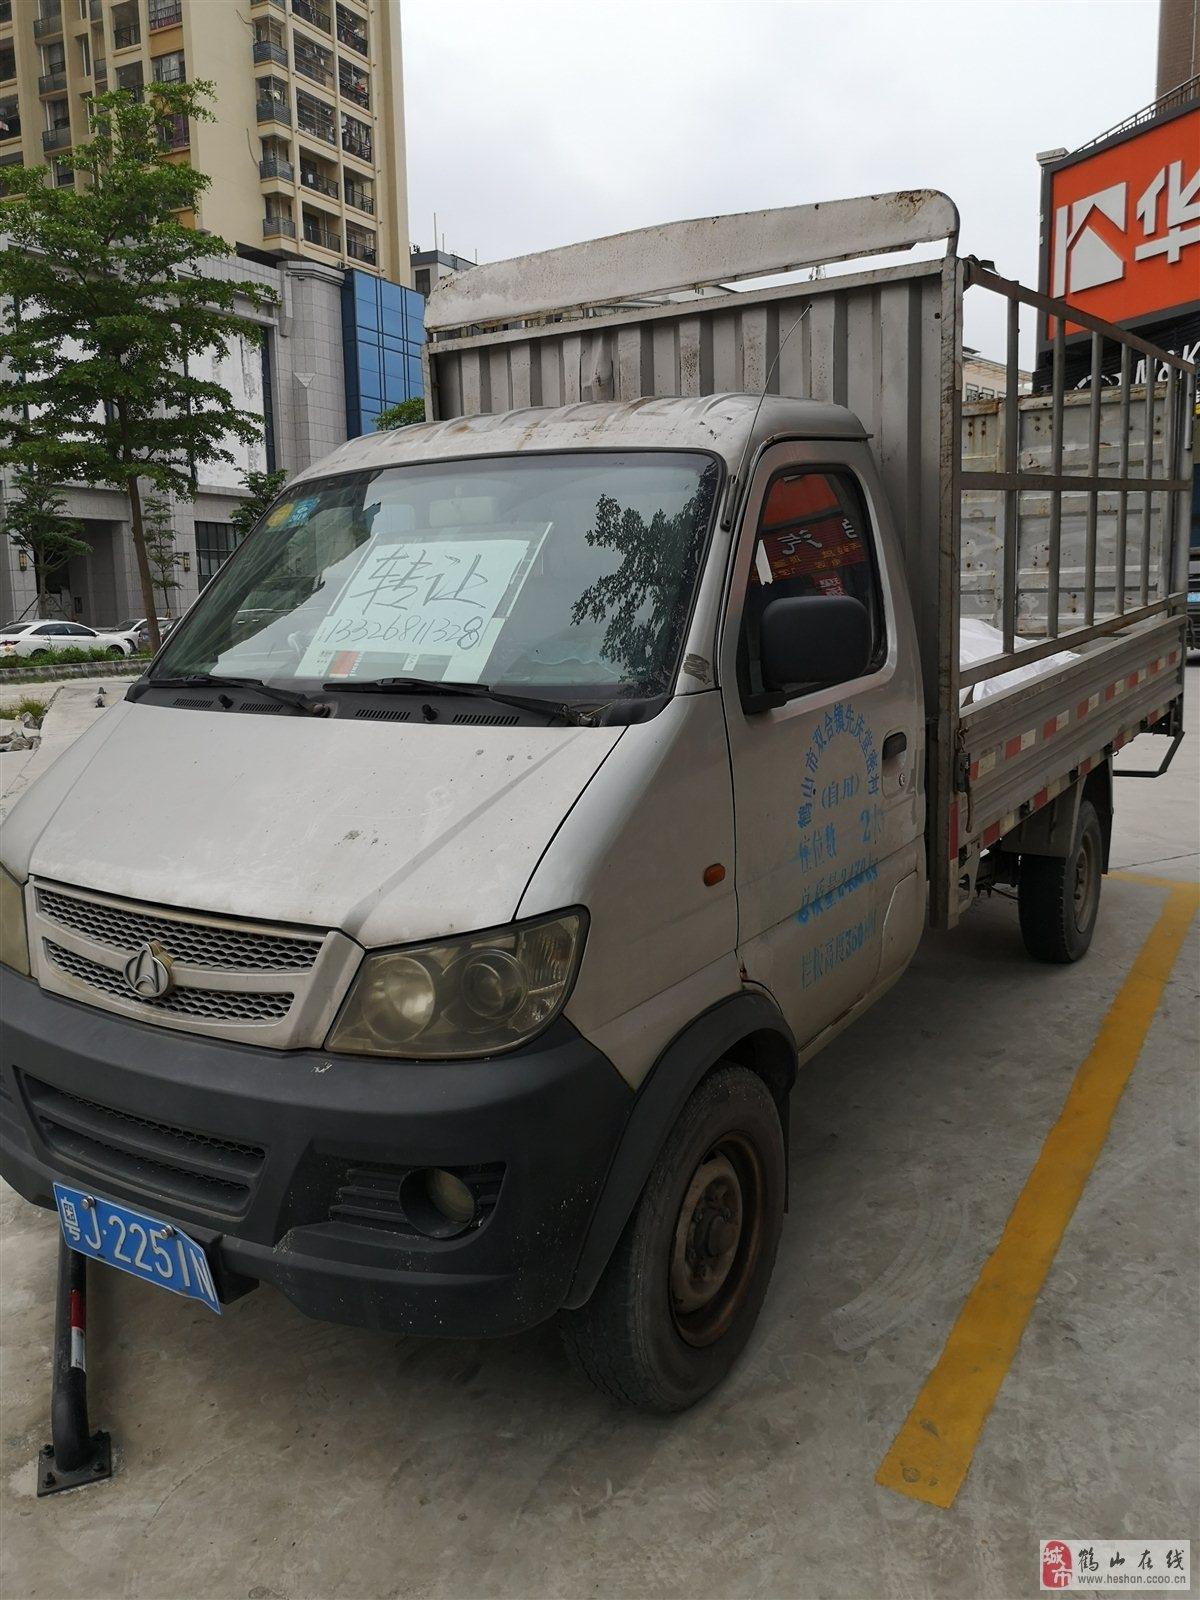 私人自用长安3.3米单排货车只用过车沙发等不重货物